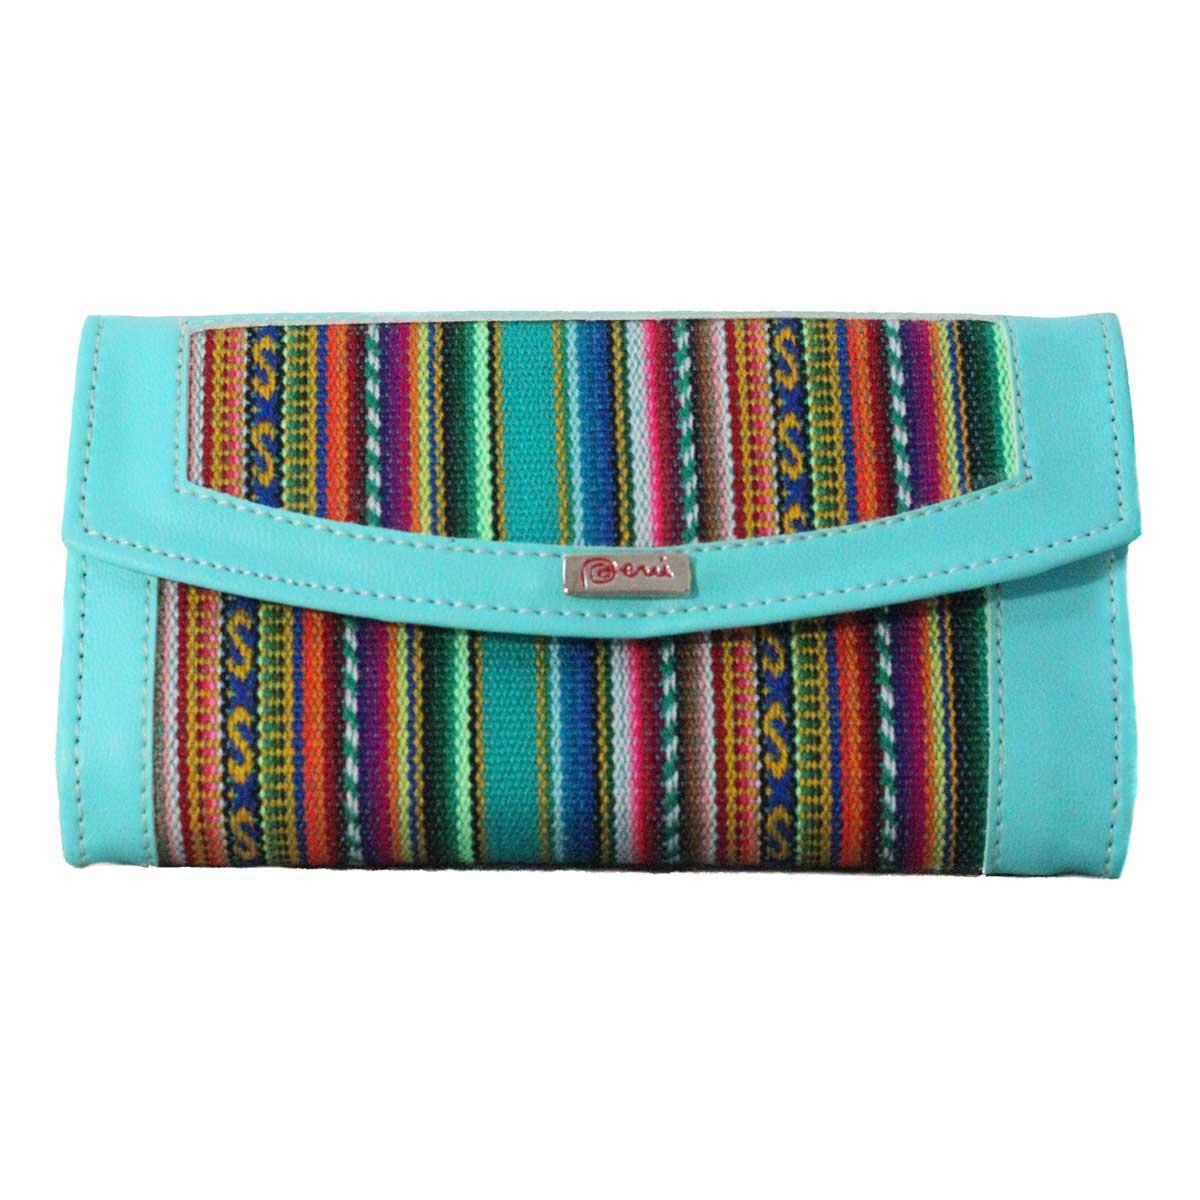 Inka-Products-Portefeuille Péruvien MICHA-Turquoise Coloré Ethnique